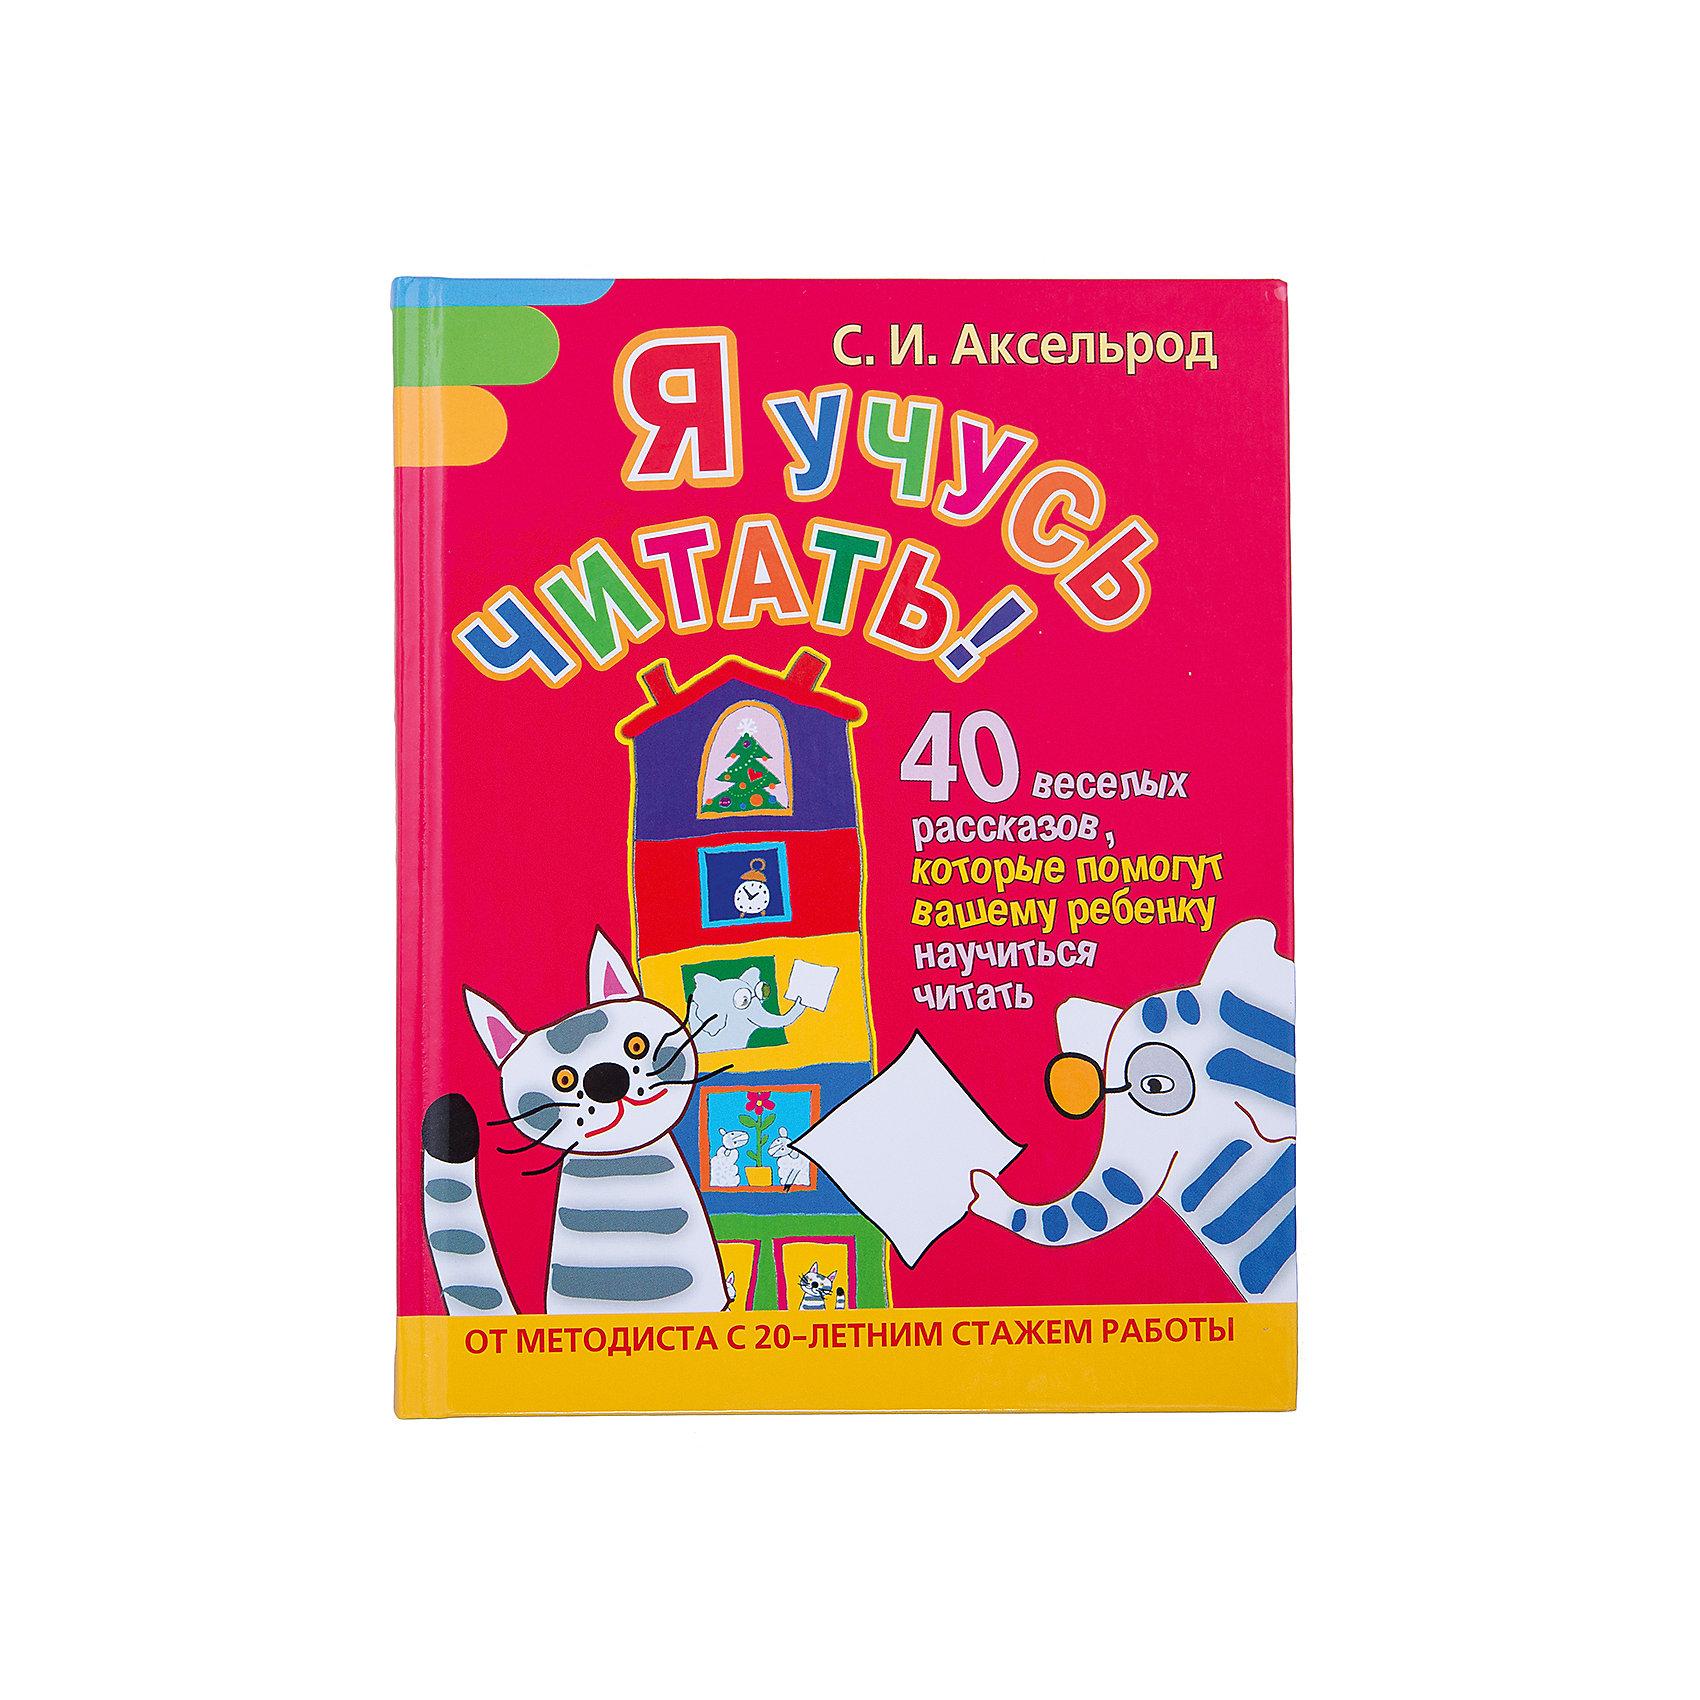 Я учусь читать! 40 веселых рассказов, которые помогут вашему ребенку научиться читатьКнига «Я учусь читать! 40 веселых рассказов, которые помогут вашему ребенку научиться читать» - это сборник рассказов, рассчитанный на самостоятельное чтение ребенка, но еще в книге приводятся подсказки для родителей, чтобы помочь ребенку достичь лучших результатов и превратить чтение в веселую игру. Книга рассчитана на детей уже освоивших чтение по слогам и готовых к чтению целых текстов. В сборник вошли рассказы «На даче», «Считалочка», «У бабушки в корзинке», «Пока взрослые пили чай», «Три дяди и четыре тети», «Детский сад для зверей» и другие. Яркие, цветные иллюстрации помогут сделать чтение еще интереснее.<br><br>- год выпуска: 2015<br>- количество страниц: 119<br>- формат: 16,5 * 21 * 1 см.<br>- переплет: твердый<br>- вес: 290 гр.<br><br>Книгу «Я учусь читать! 40 веселых рассказов, которые помогут вашему ребенку научиться читать» можно купить в нашем интернет - магазине.<br>Подробнее:<br>• ISBN: 9785170836277 <br>• Для детей в возрасте: от 4 до 7 лет. <br>• Номер товара: 4902210<br>Страна производитель: Российская Федерация<br><br>Ширина мм: 10<br>Глубина мм: 165<br>Высота мм: 210<br>Вес г: 290<br>Возраст от месяцев: 0<br>Возраст до месяцев: 36<br>Пол: Унисекс<br>Возраст: Детский<br>SKU: 4902210